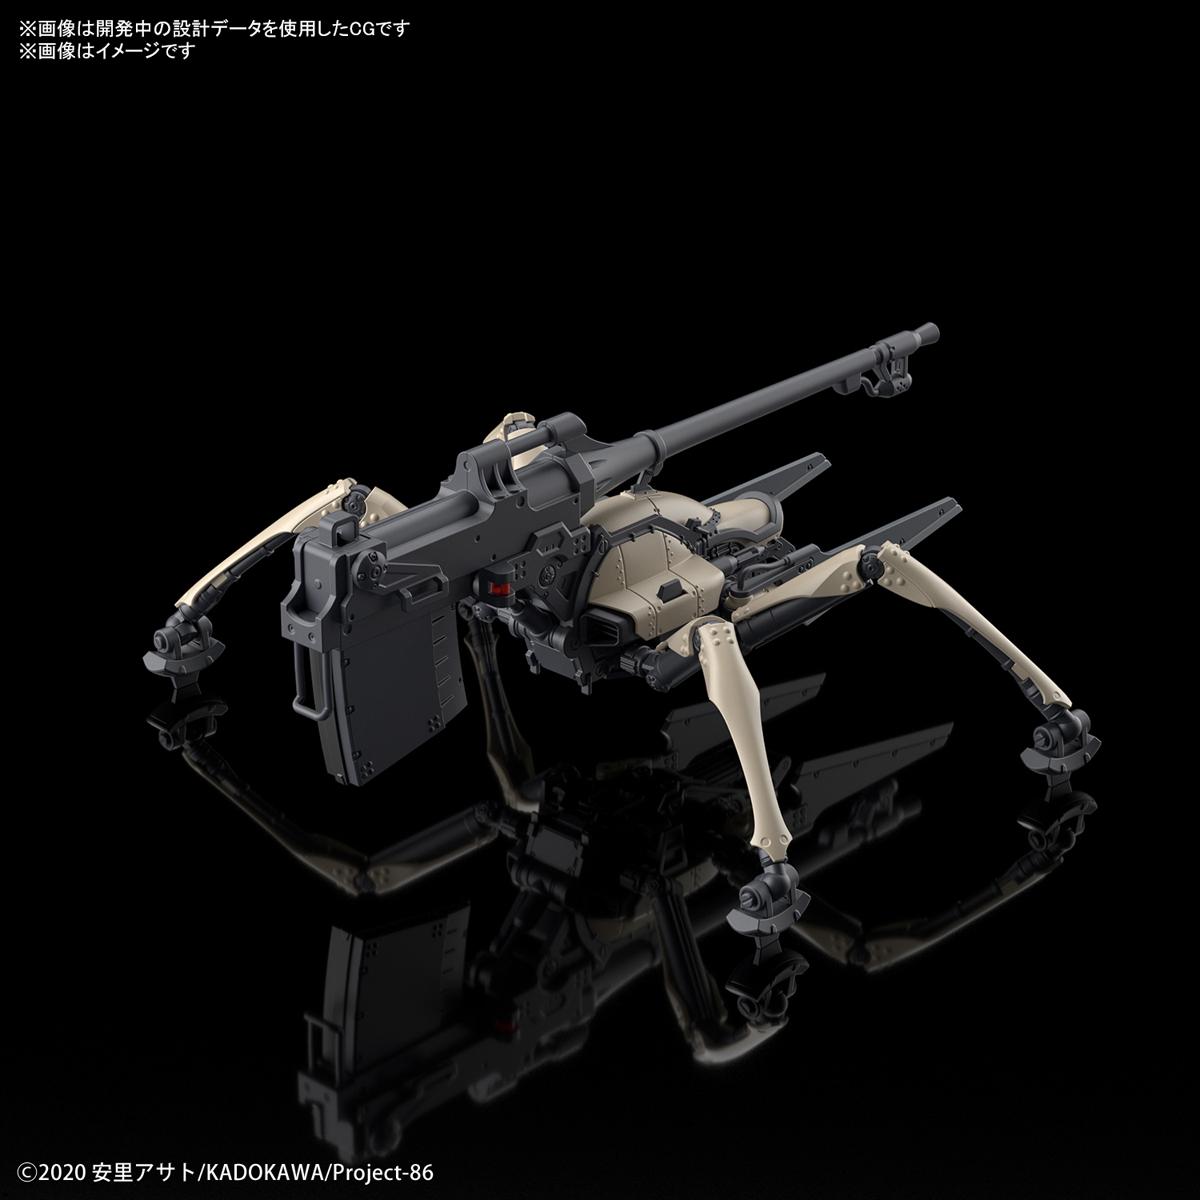 HG 1/48『ジャガーノート(シン搭乗機)』86-エイティシックス- プラモデル-002